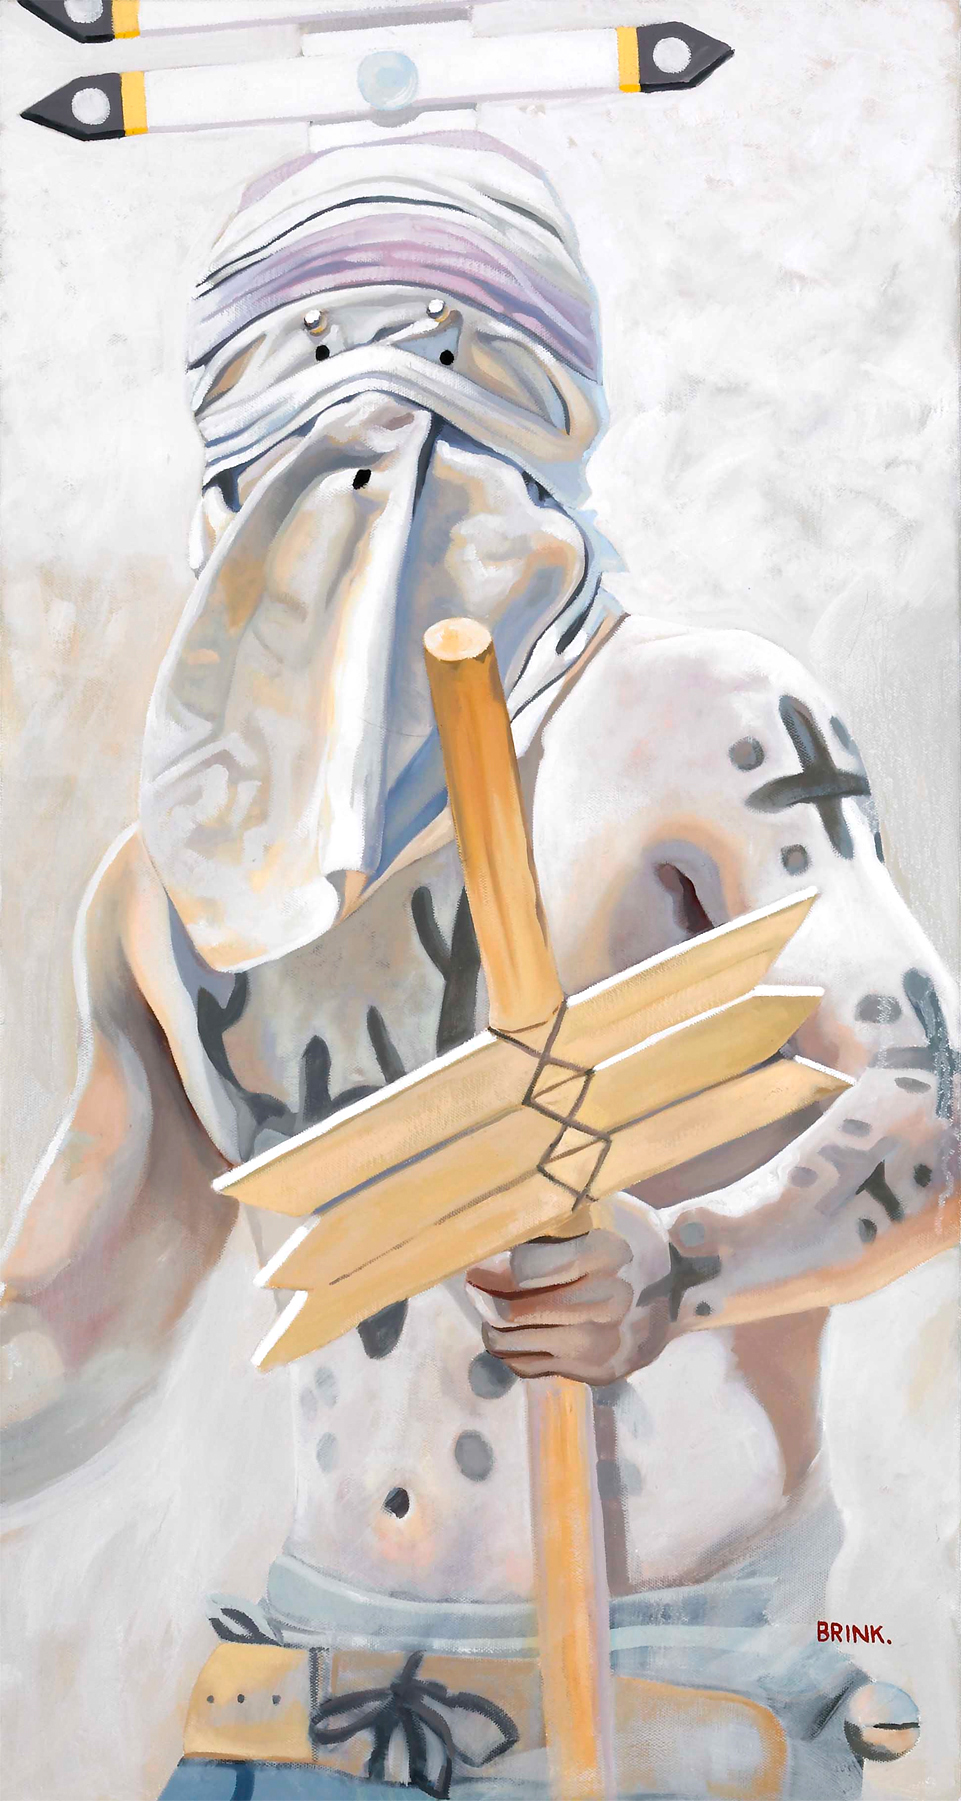 Gaan Clown Study l, 30 x 16 in oil on canvas, 2009